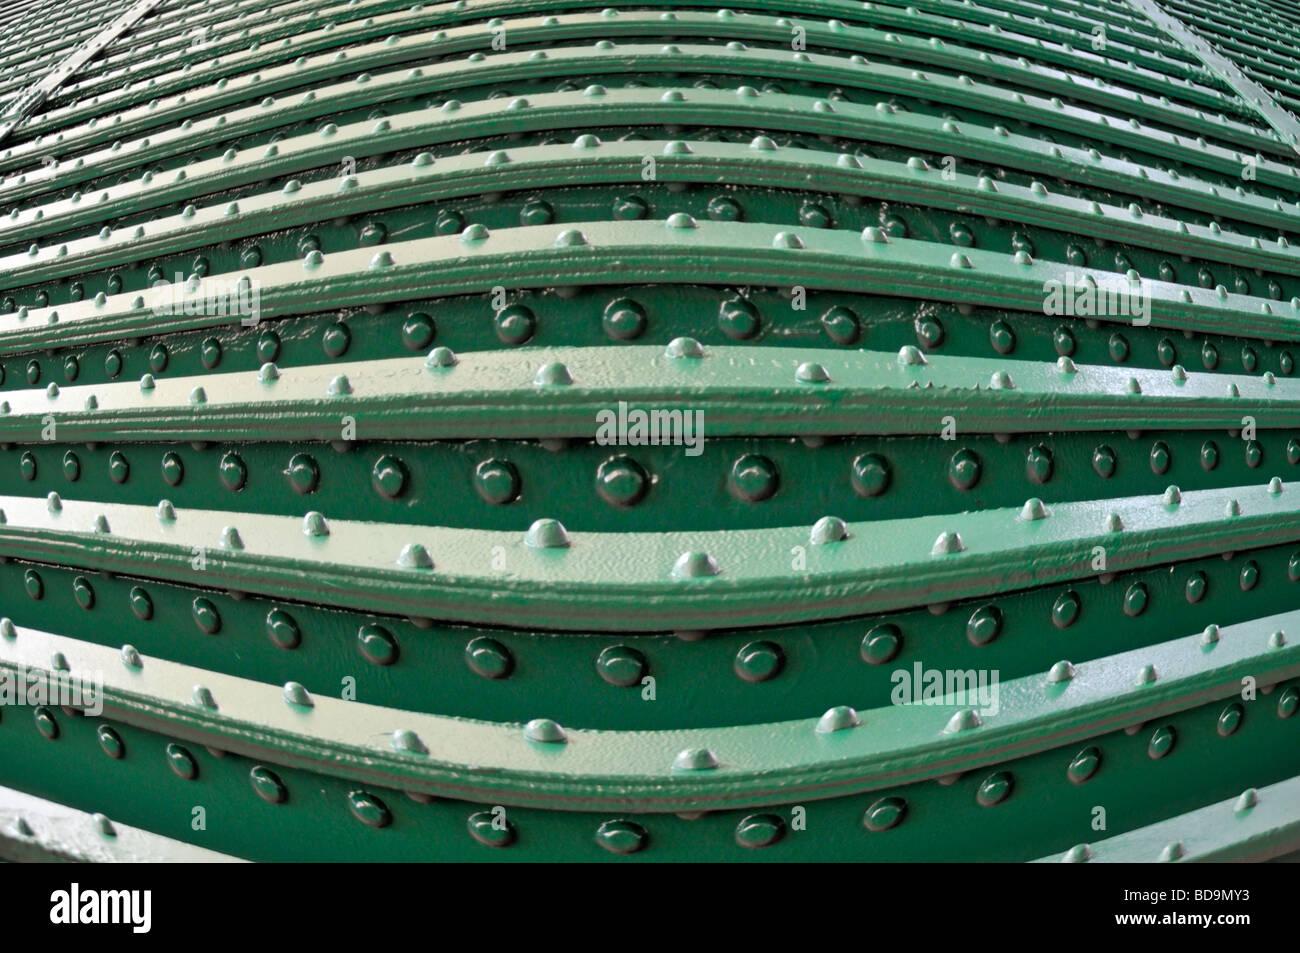 Nieten & Nietenköpfe in Stahlträgerkonstruktion auf der Unterseite der Eisenbahnbrücke closeup als Muster abstrakt Stockfoto